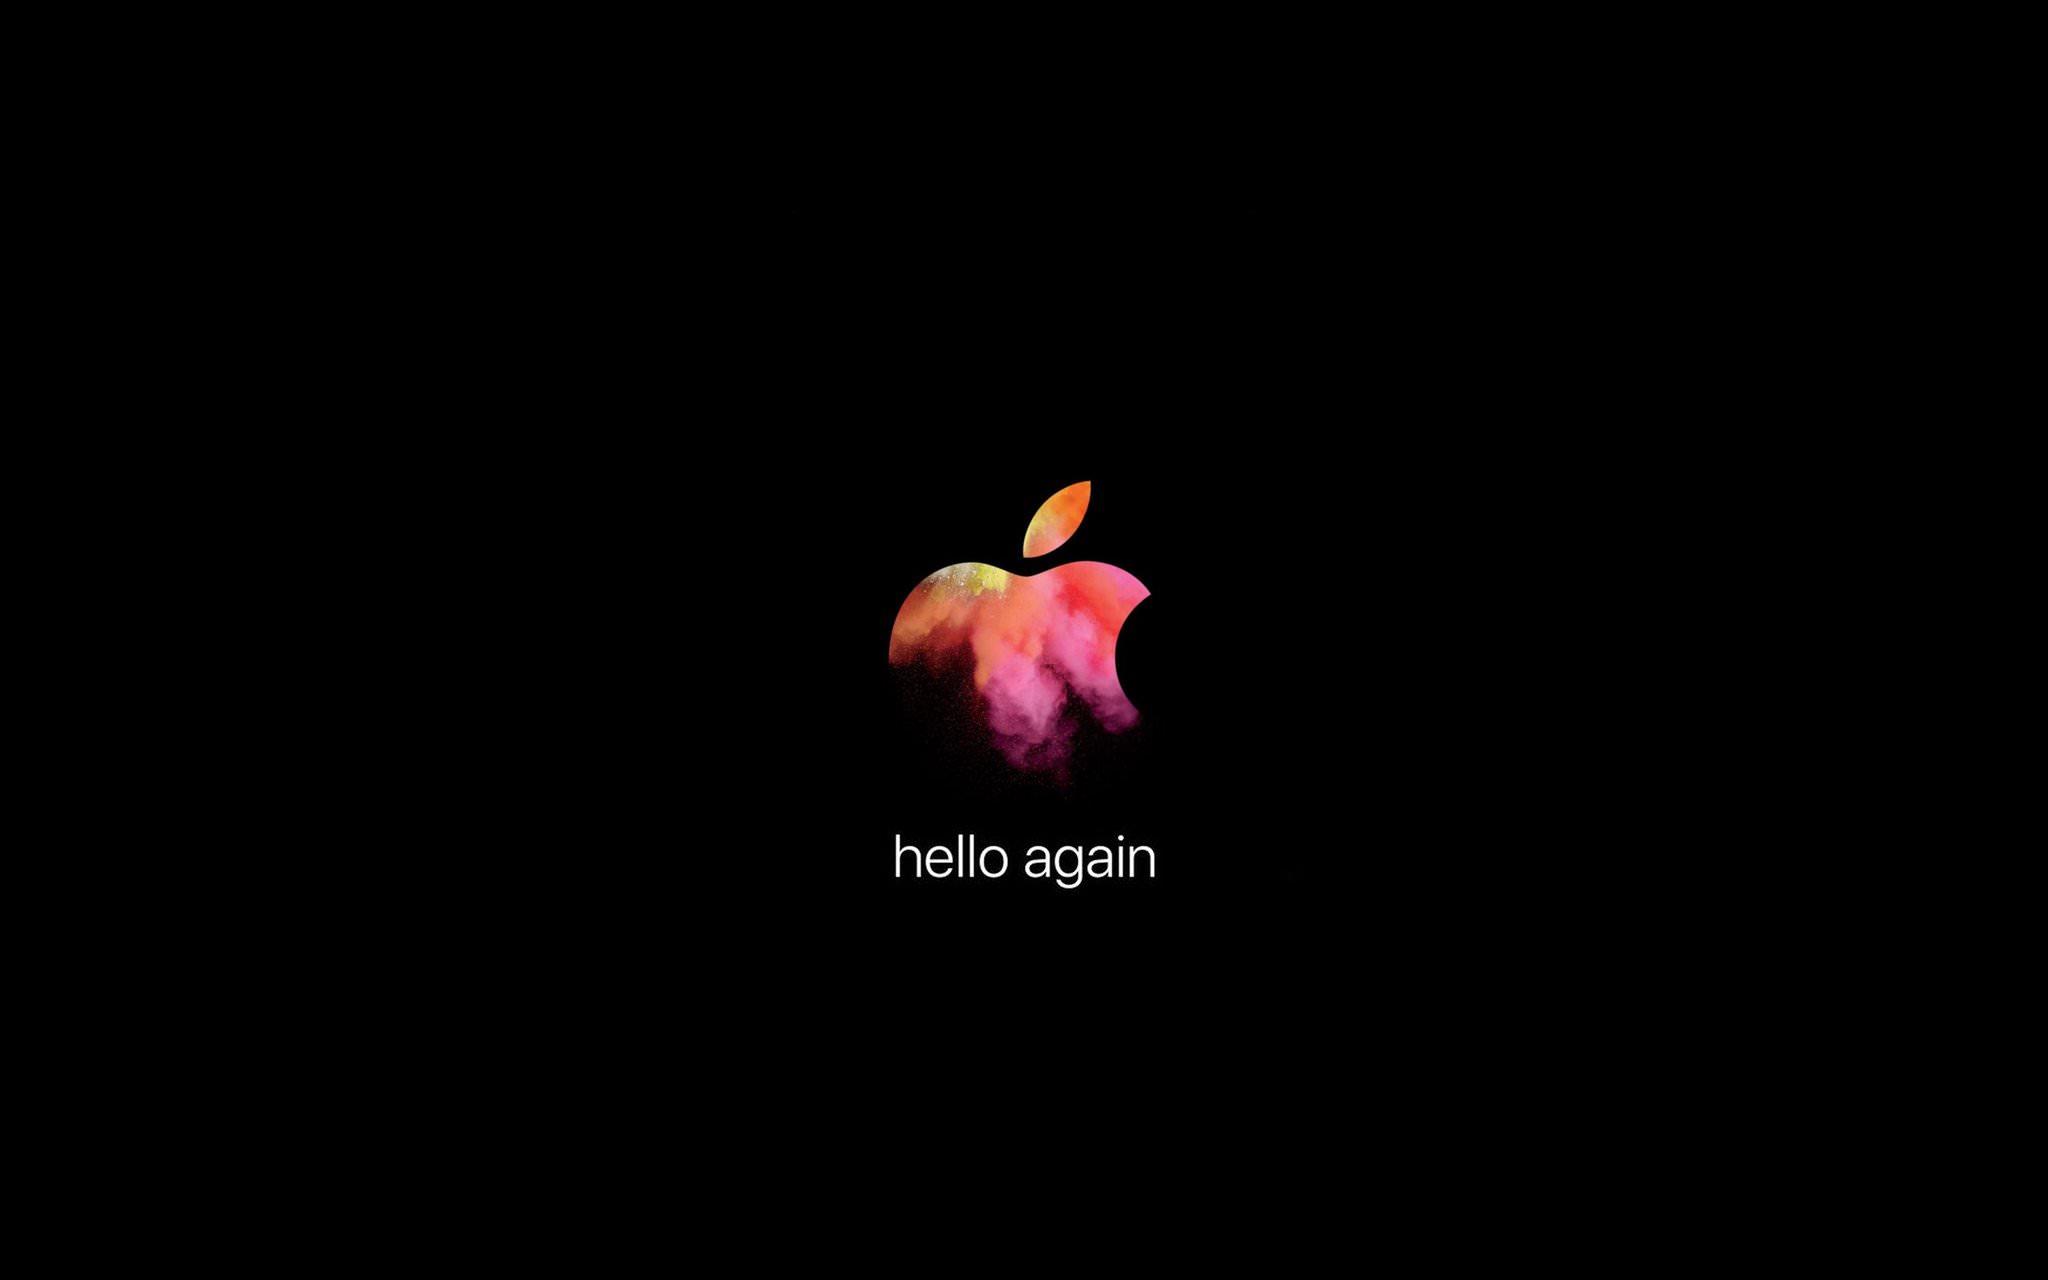 apple_event_macbookpro